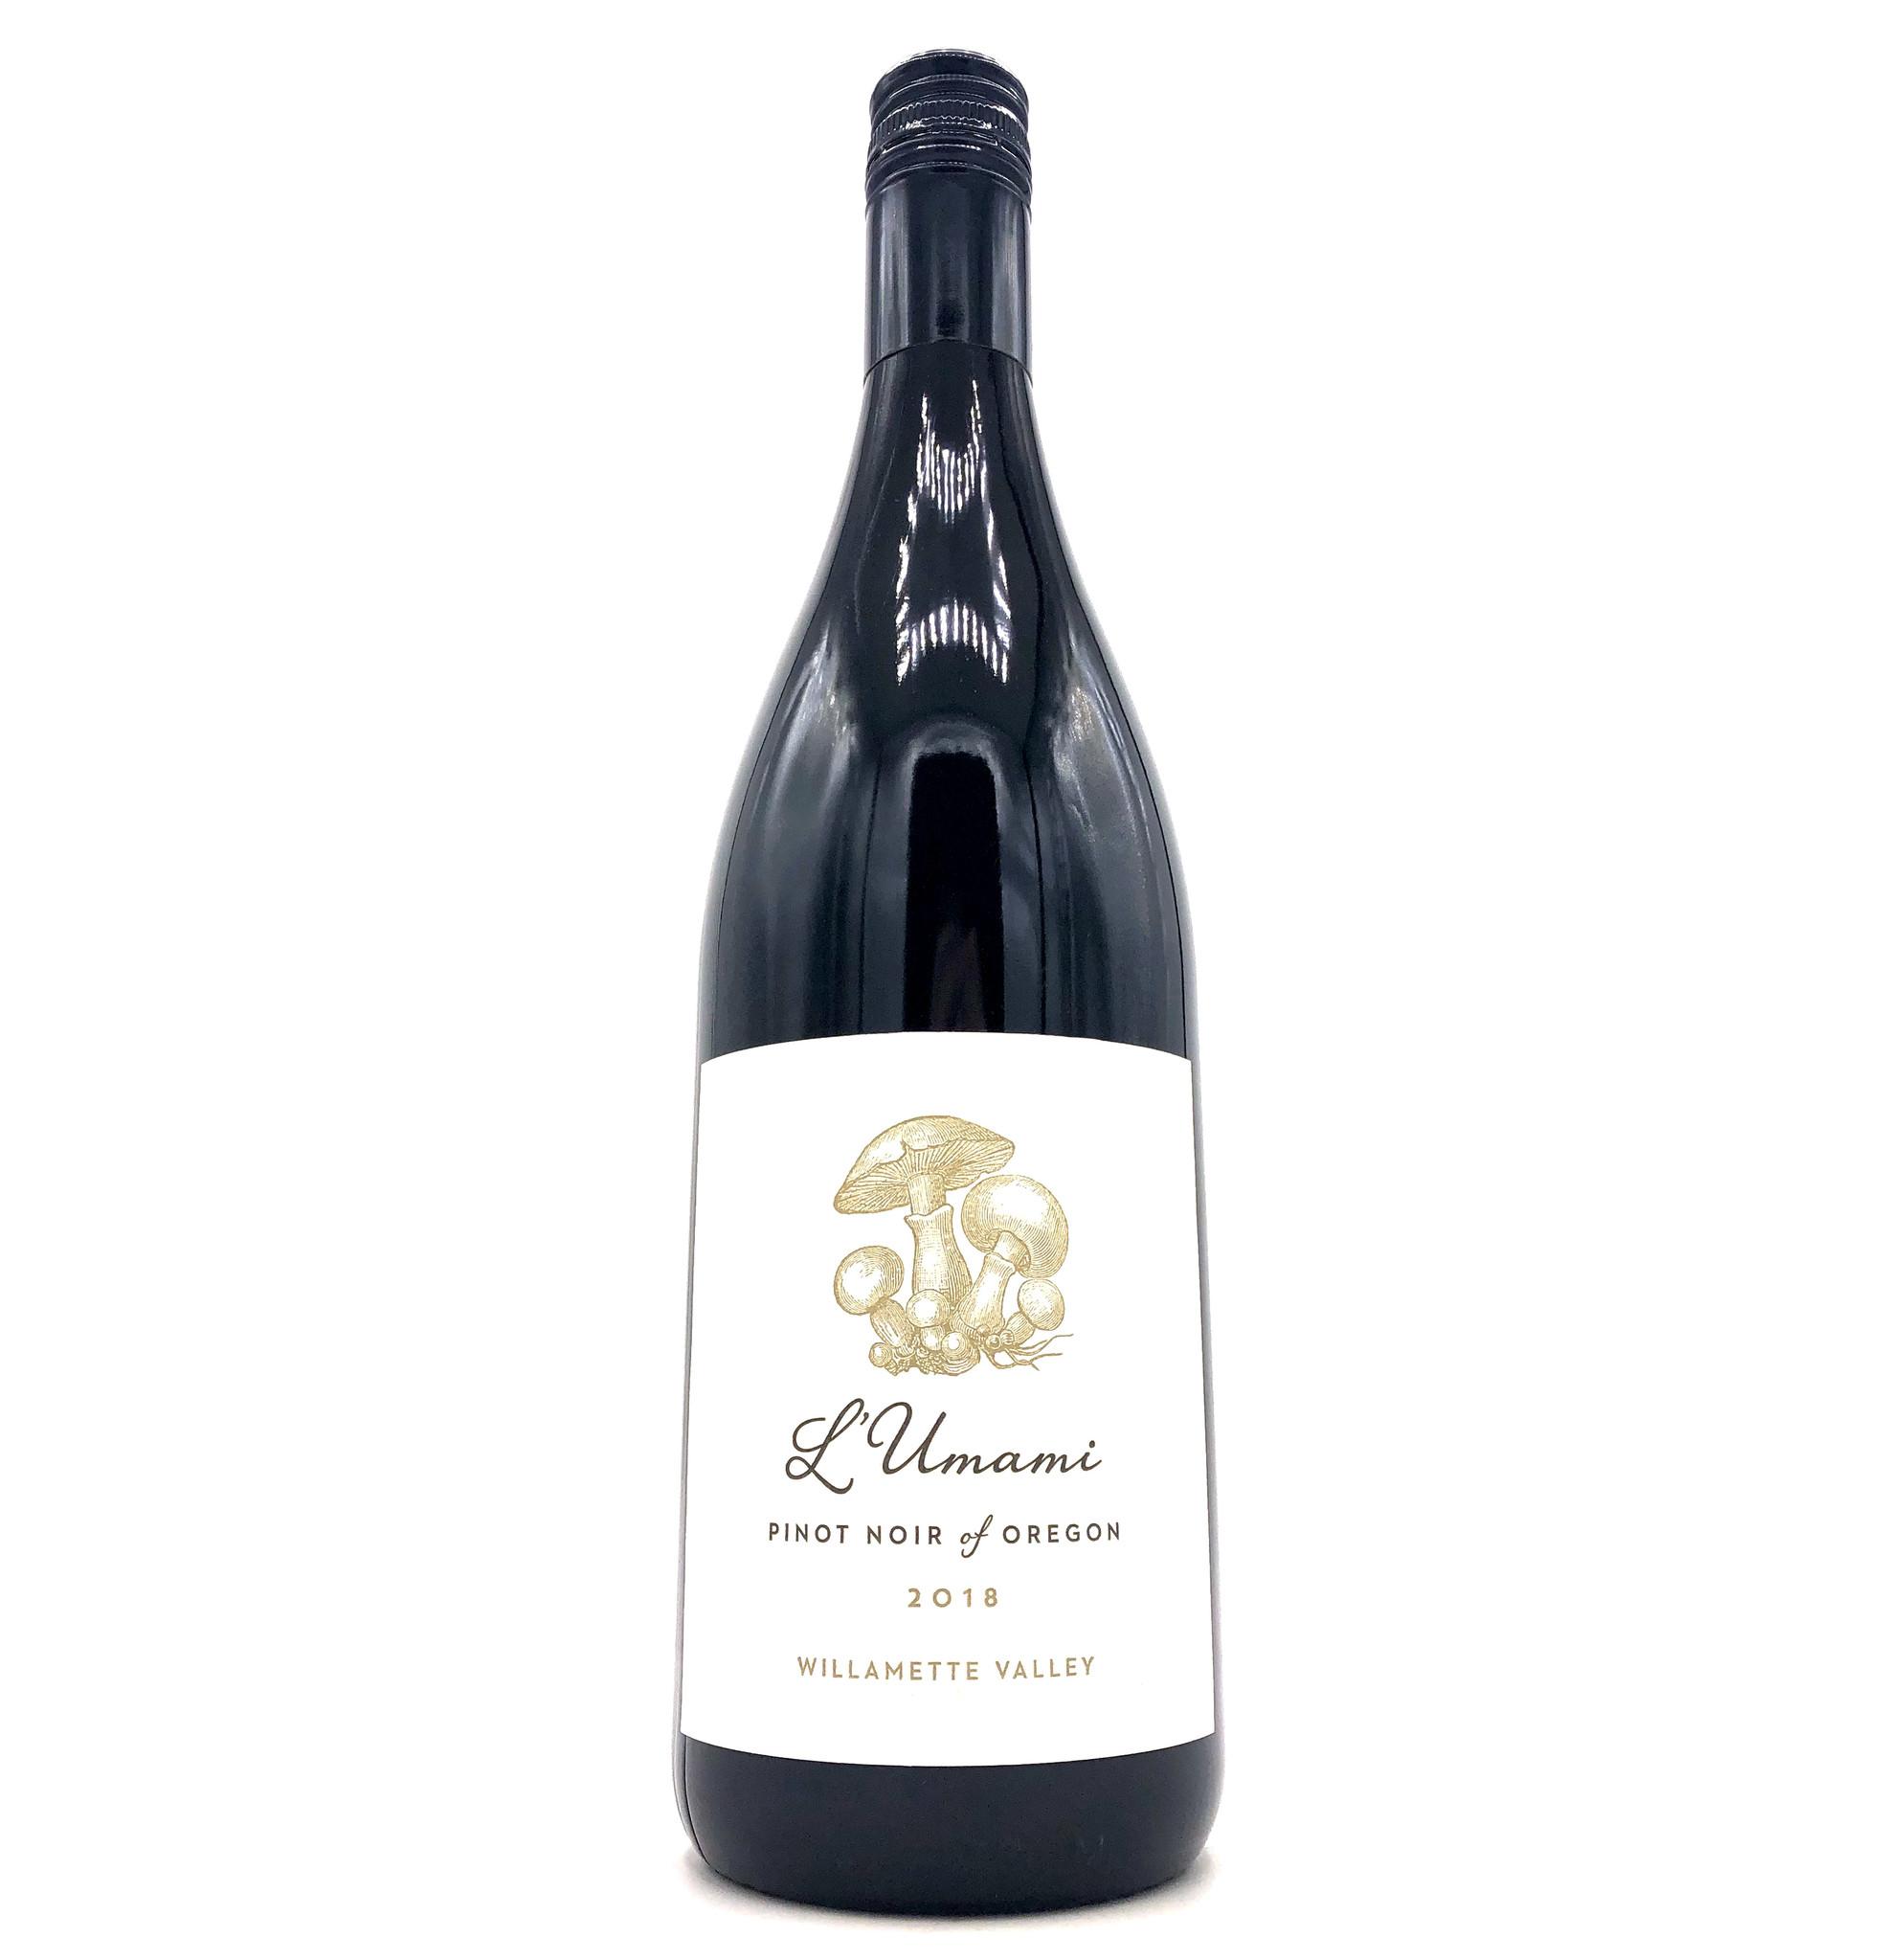 Pinot Noir 2018 L'Umami